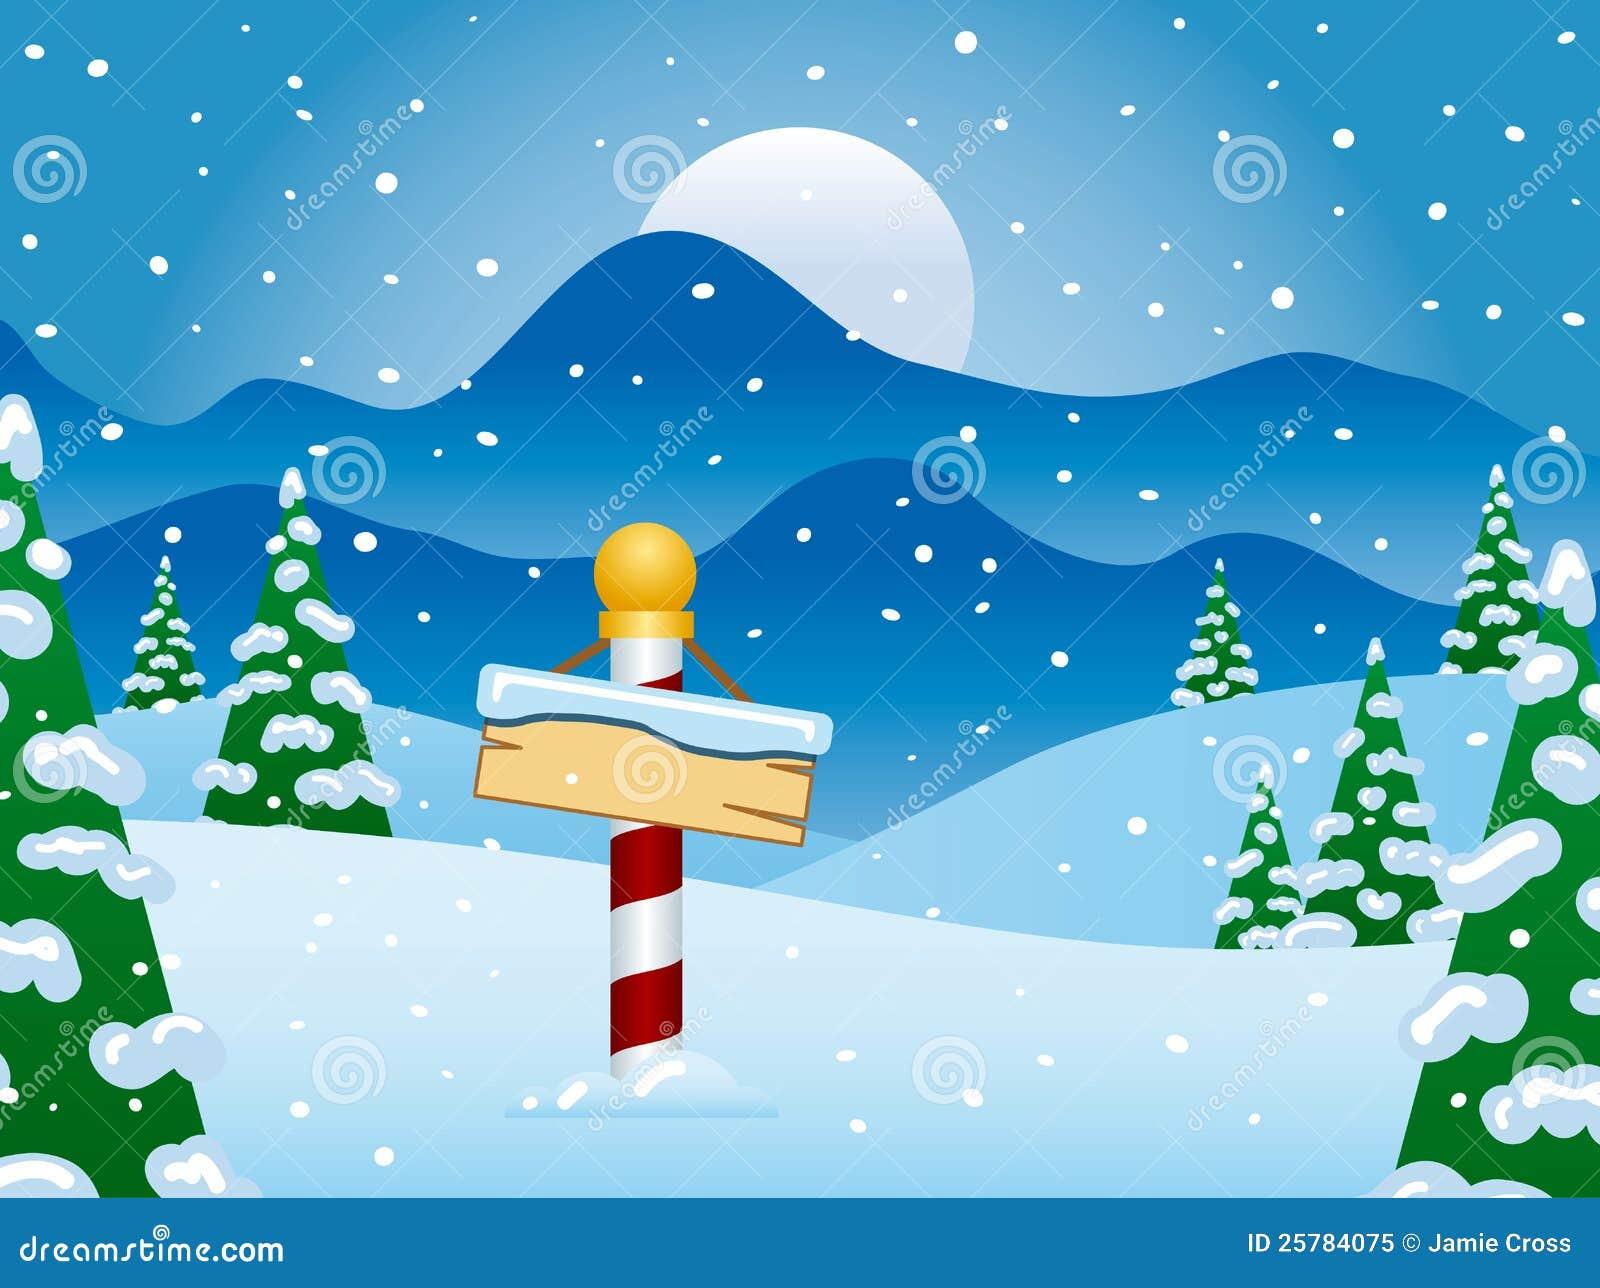 Nordpol-Winter-Szene Mit Schnee Vektor Abbildung - Illustration von ...